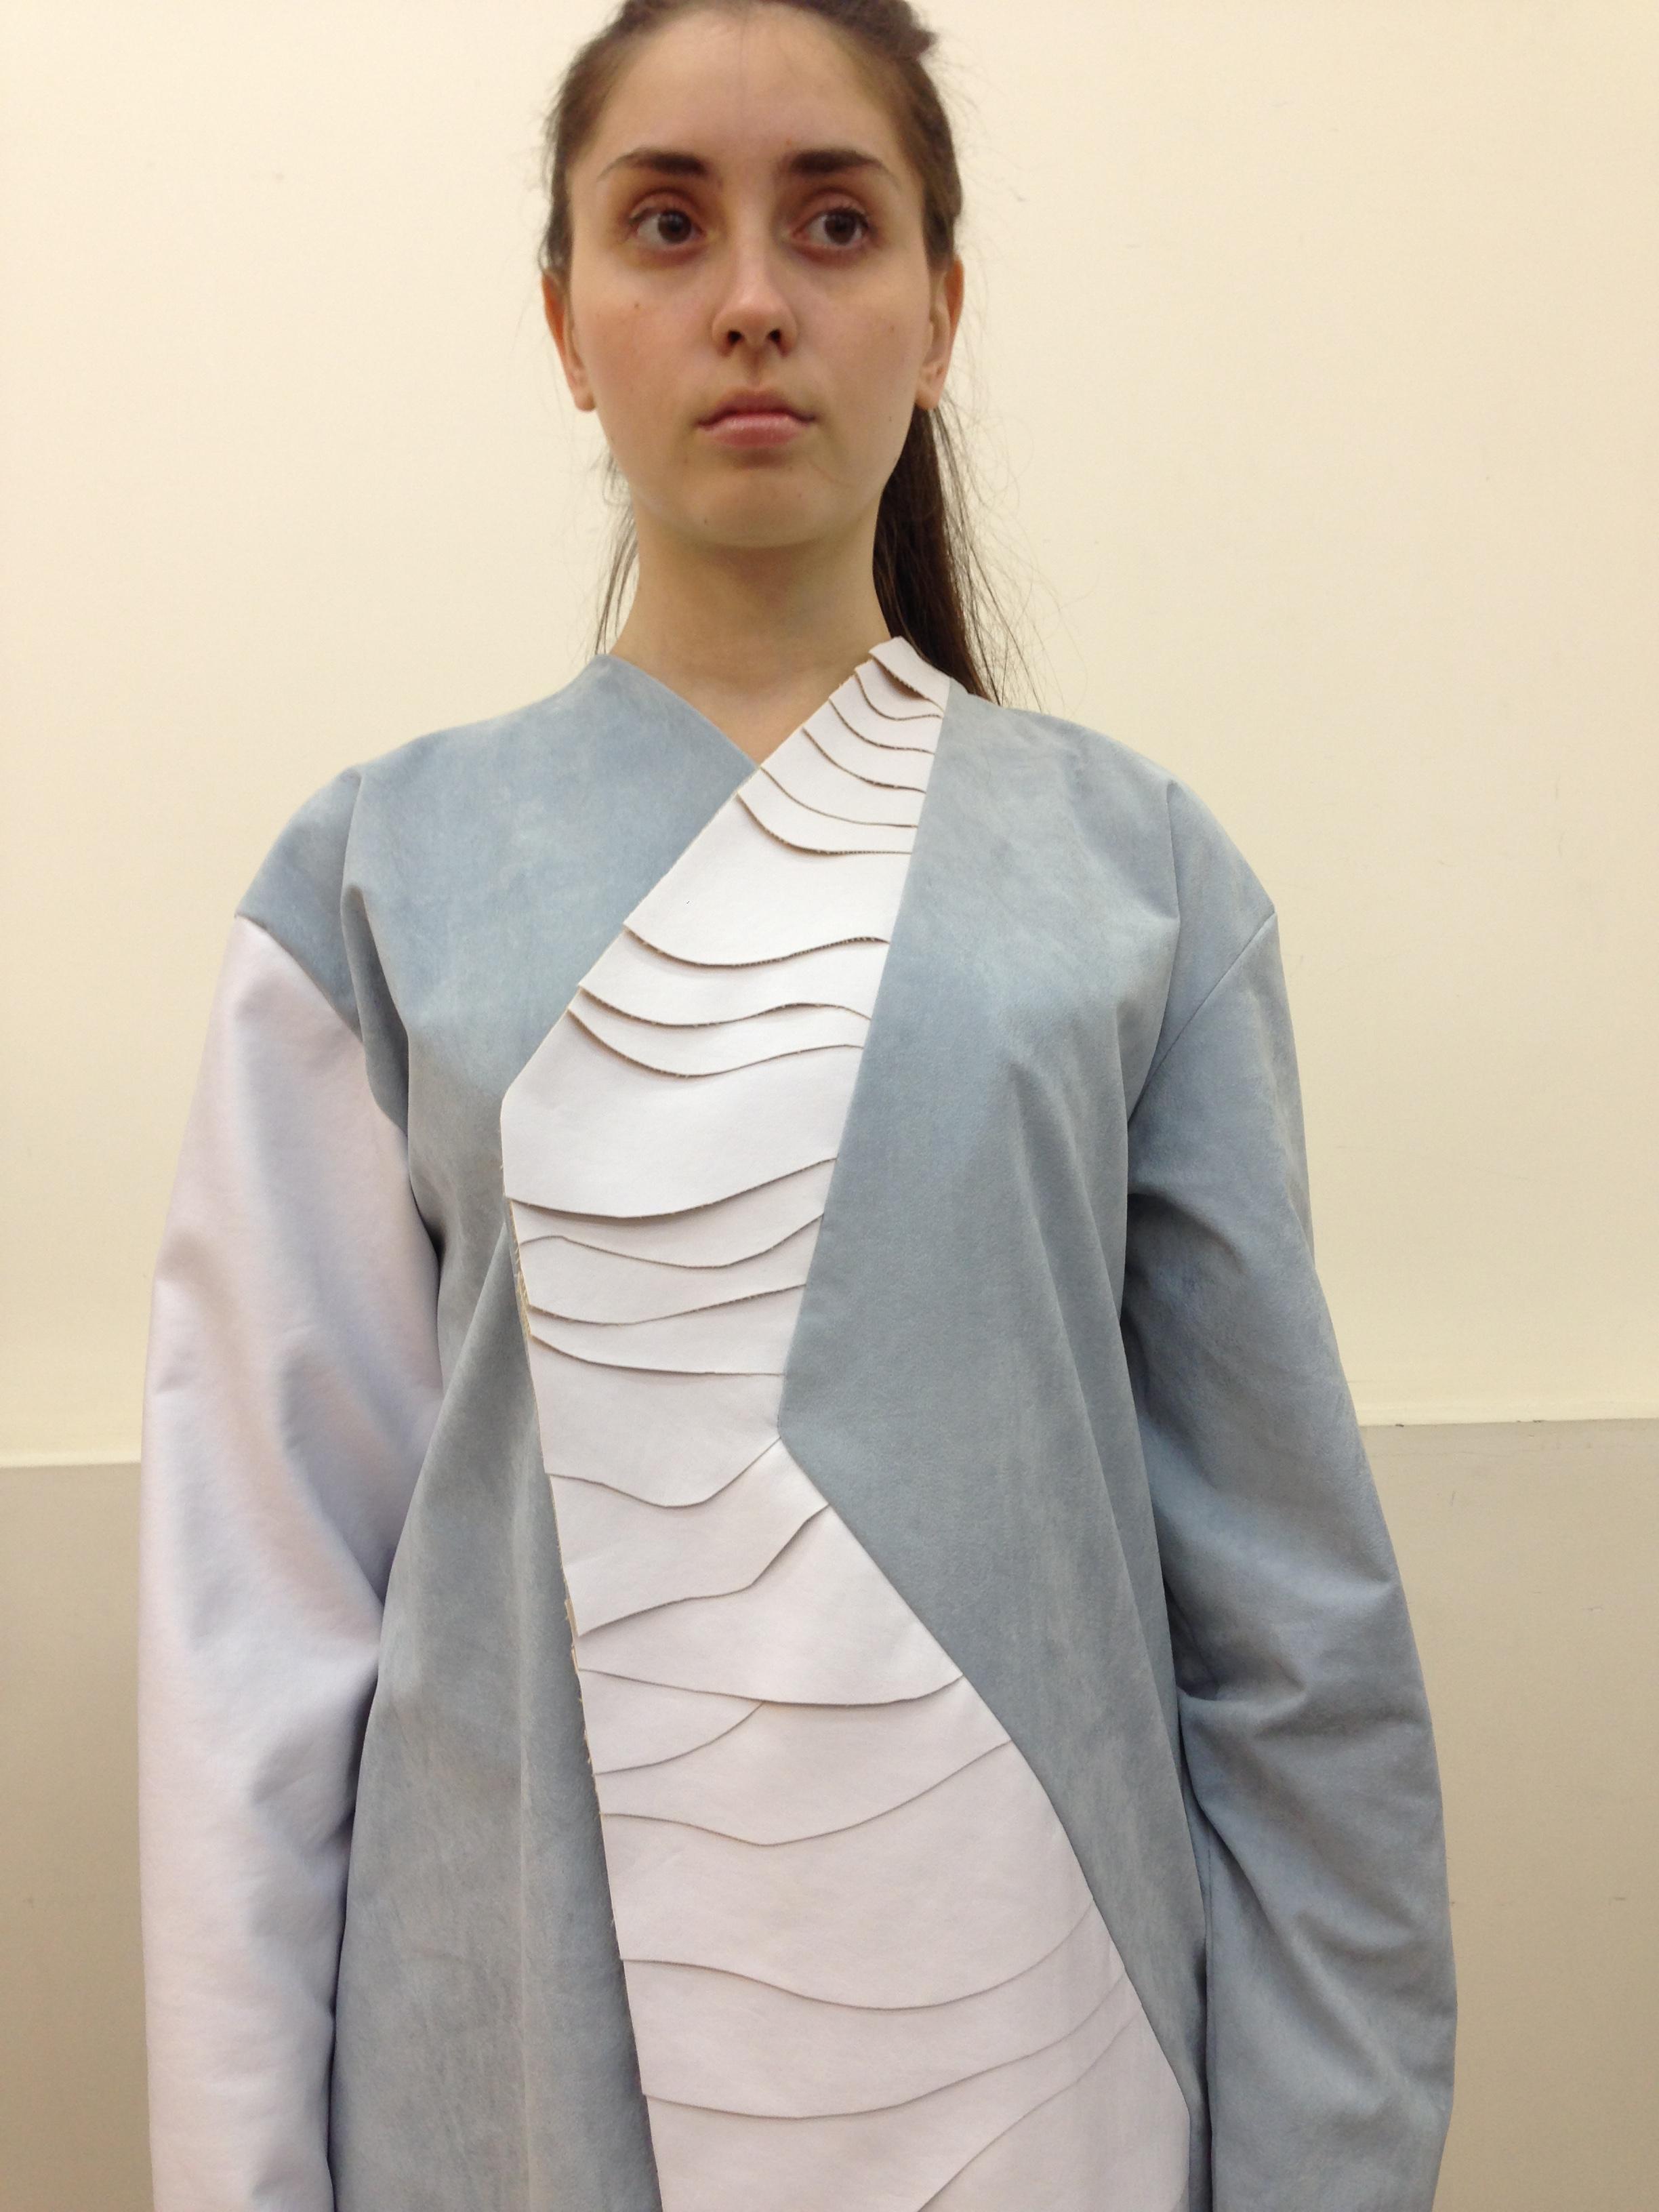 Подготовка к диплому СПбГЭУ кафедра Дизайн костюма my fashion  Модели Муньос Дианы